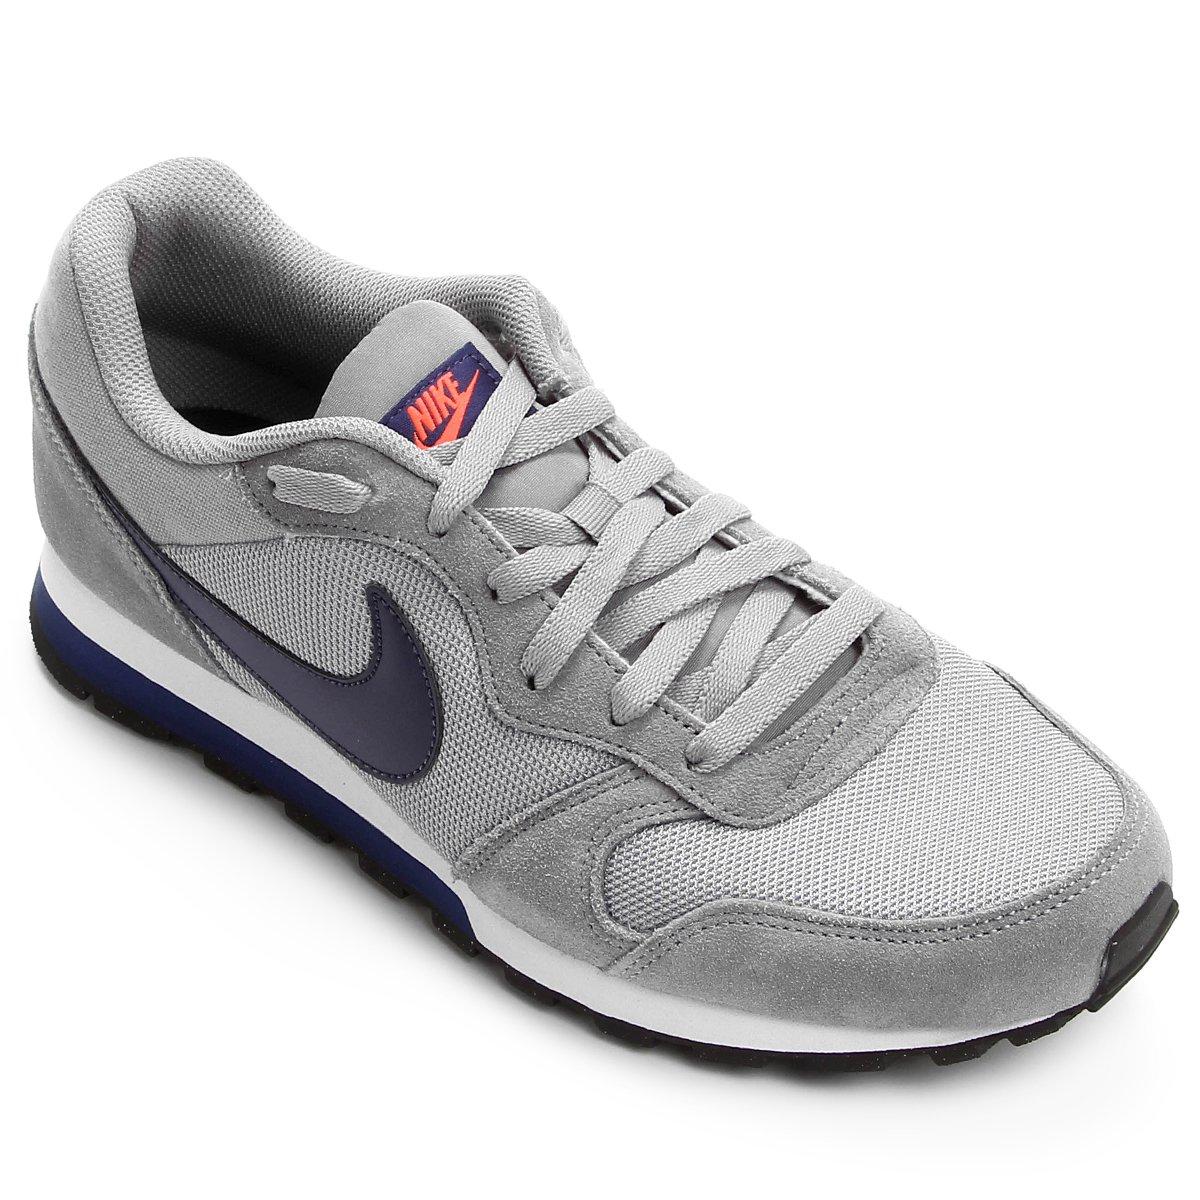 a2e3e89c59 Tênis Nike Md Runner 2 Masculino - Cinza e Marinho - Compre Agora ...